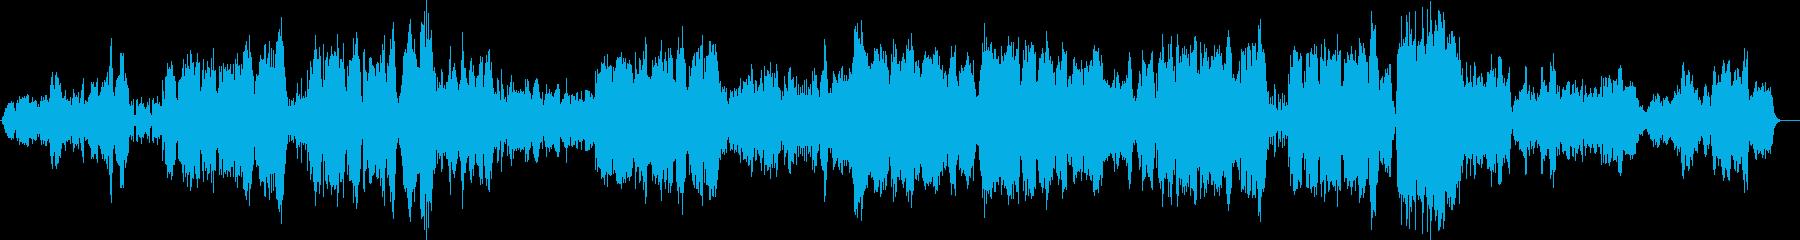 ポップス風な混声合唱オーケストラ曲です。の再生済みの波形